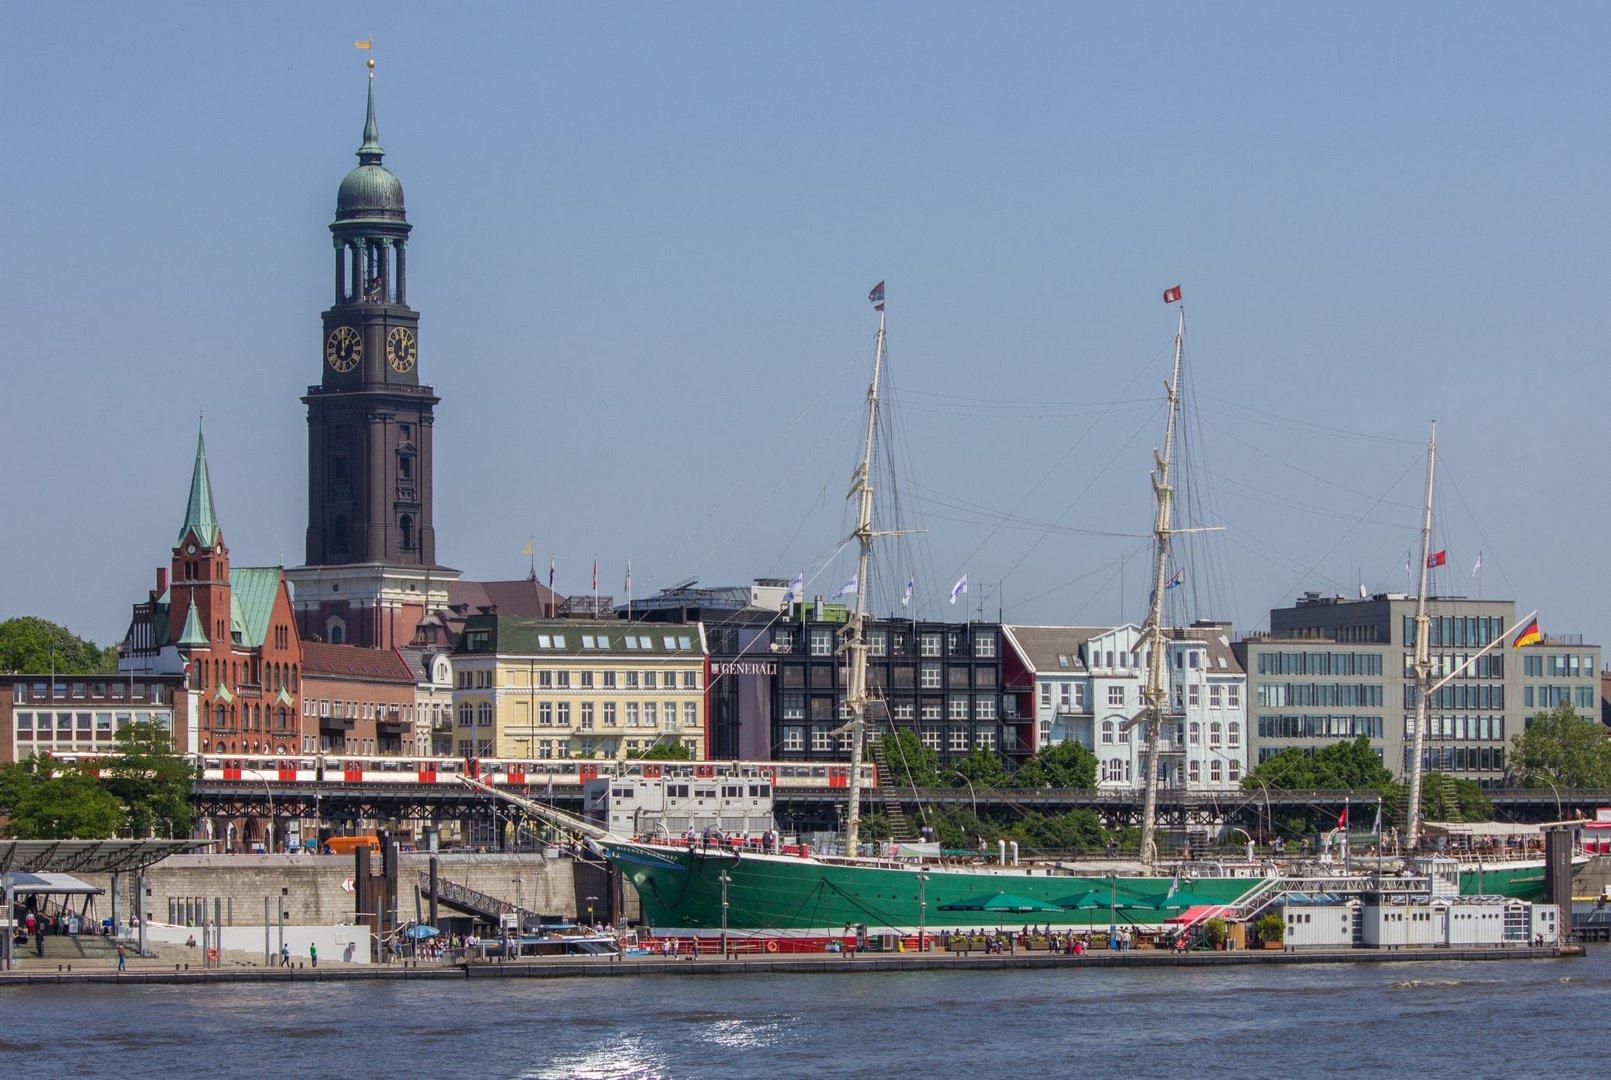 Blick auf die Landungsbrücken und den Hamburger Michel